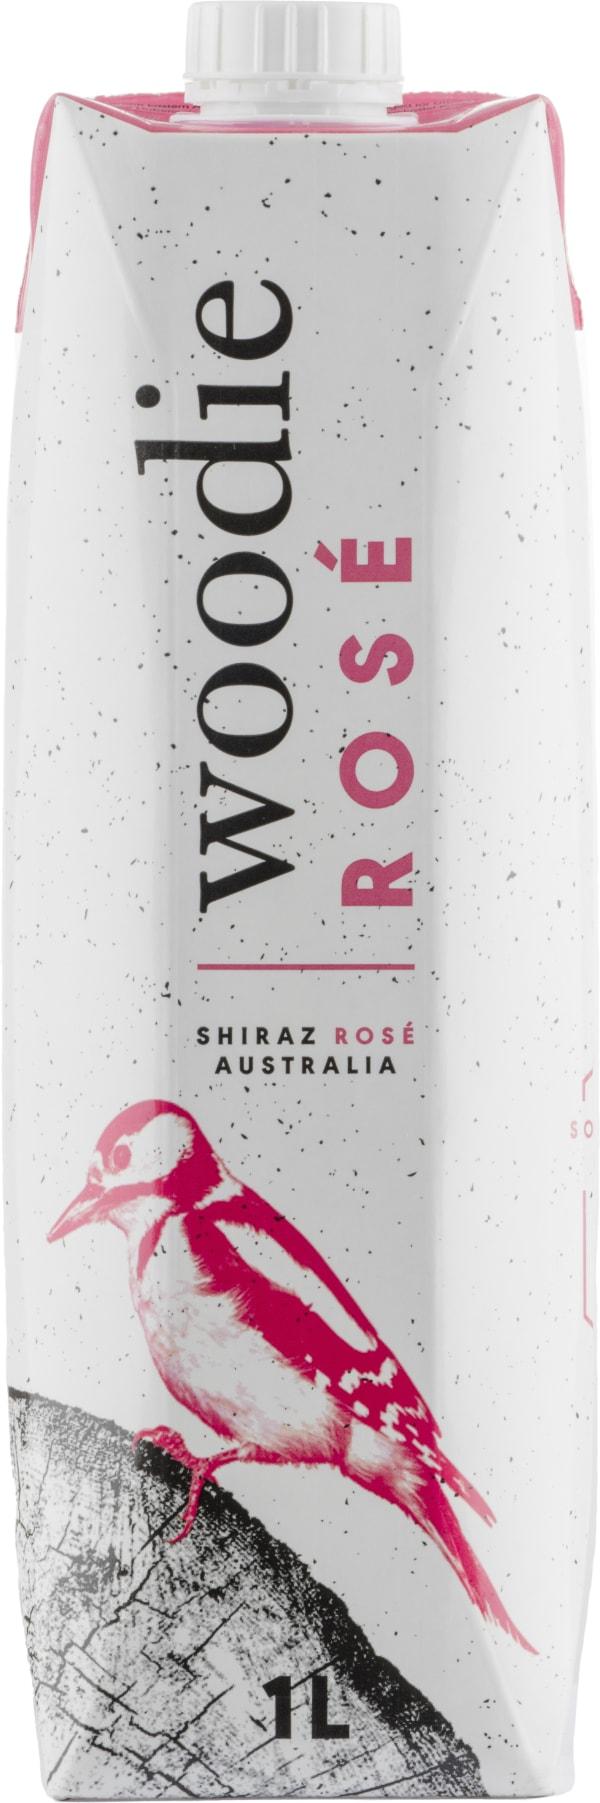 Woodie Rosé 2017 carton package